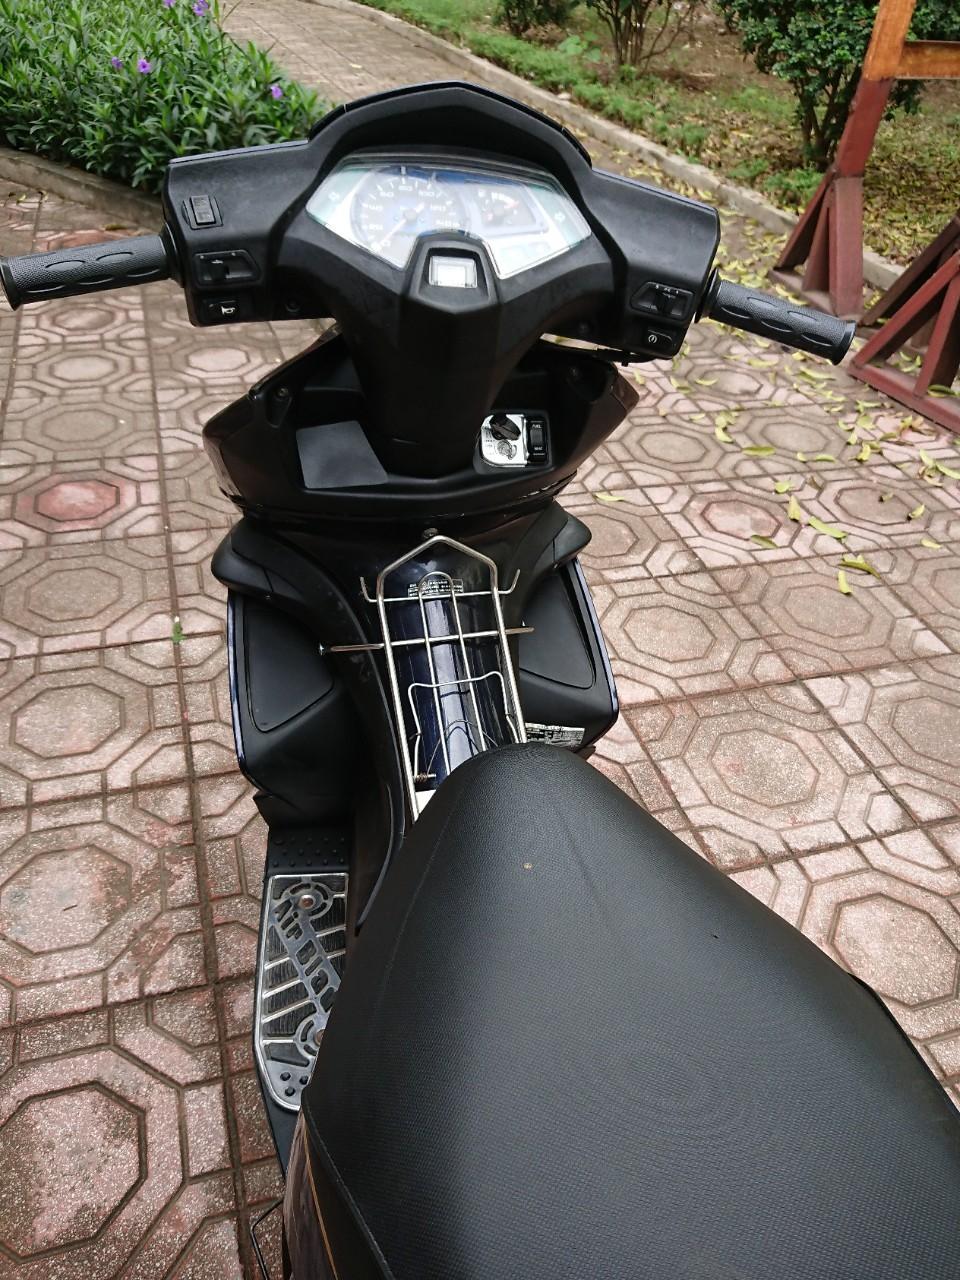 Ban Honda Airblade 110 doi trung xanh den 2009 nguyen ban tam hoa 222 - 5